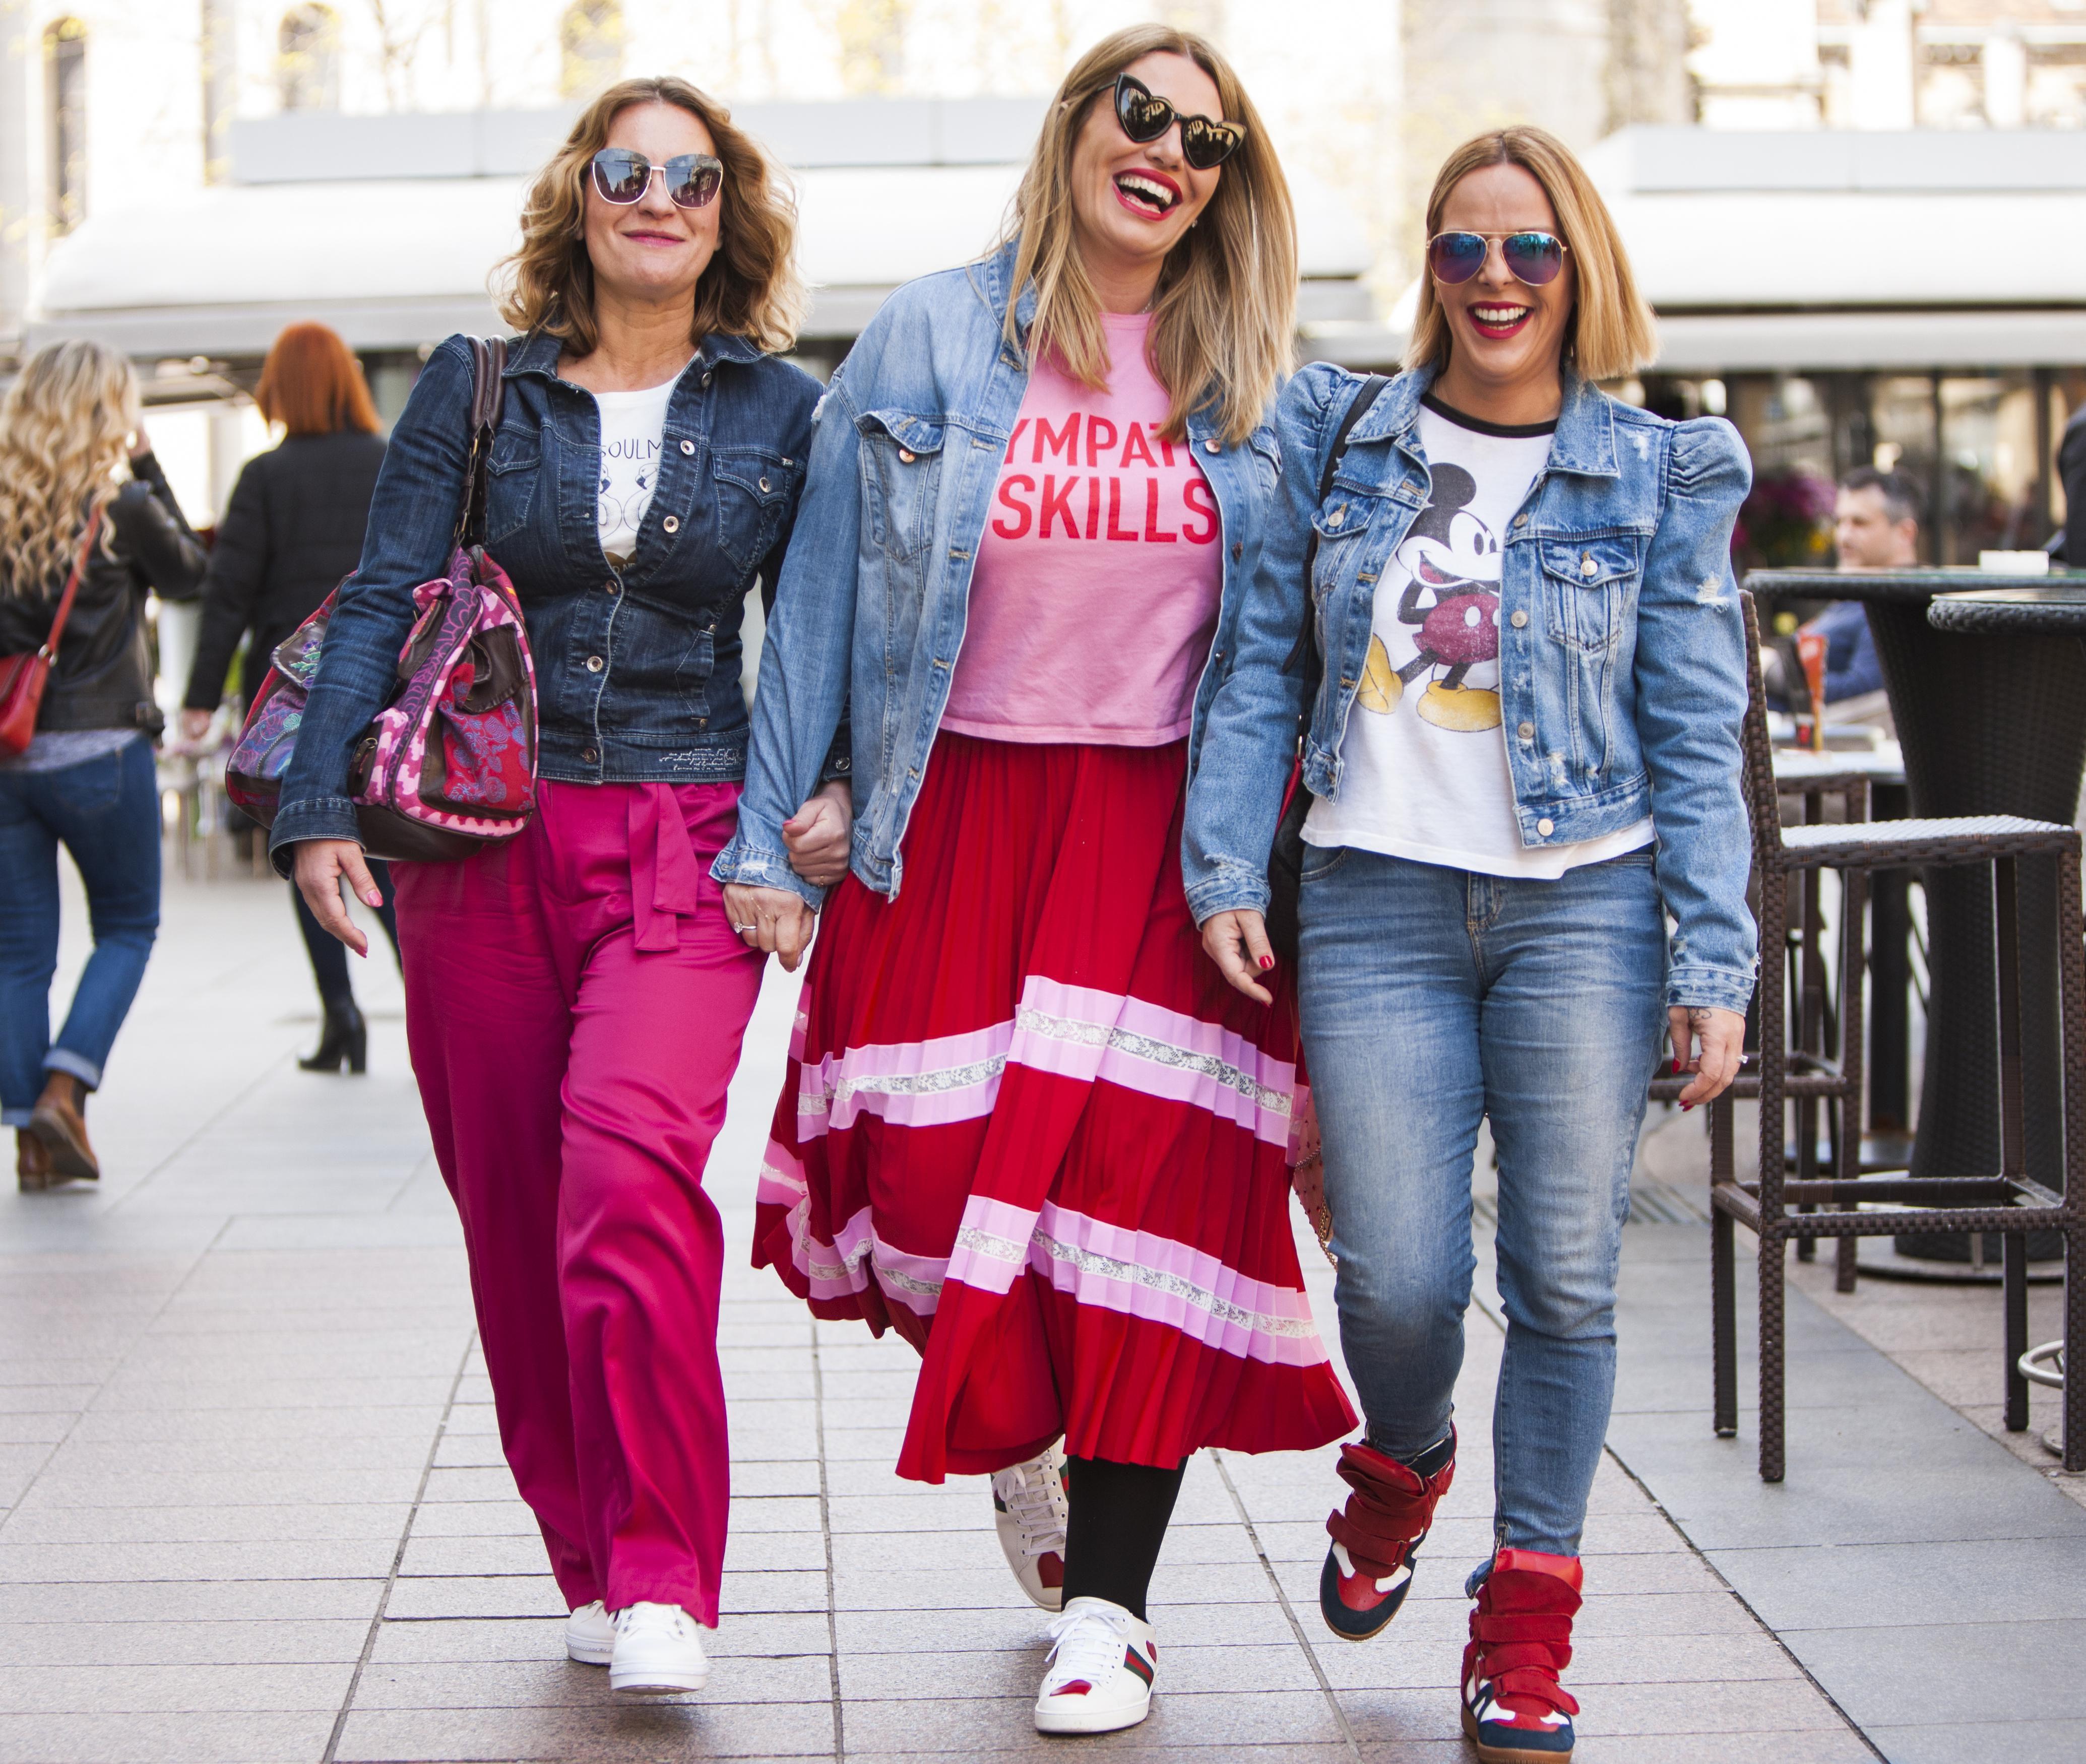 Trendi od glave do pete: Nasmiješena Iva Balent prošetala gradom u društvu prijateljica